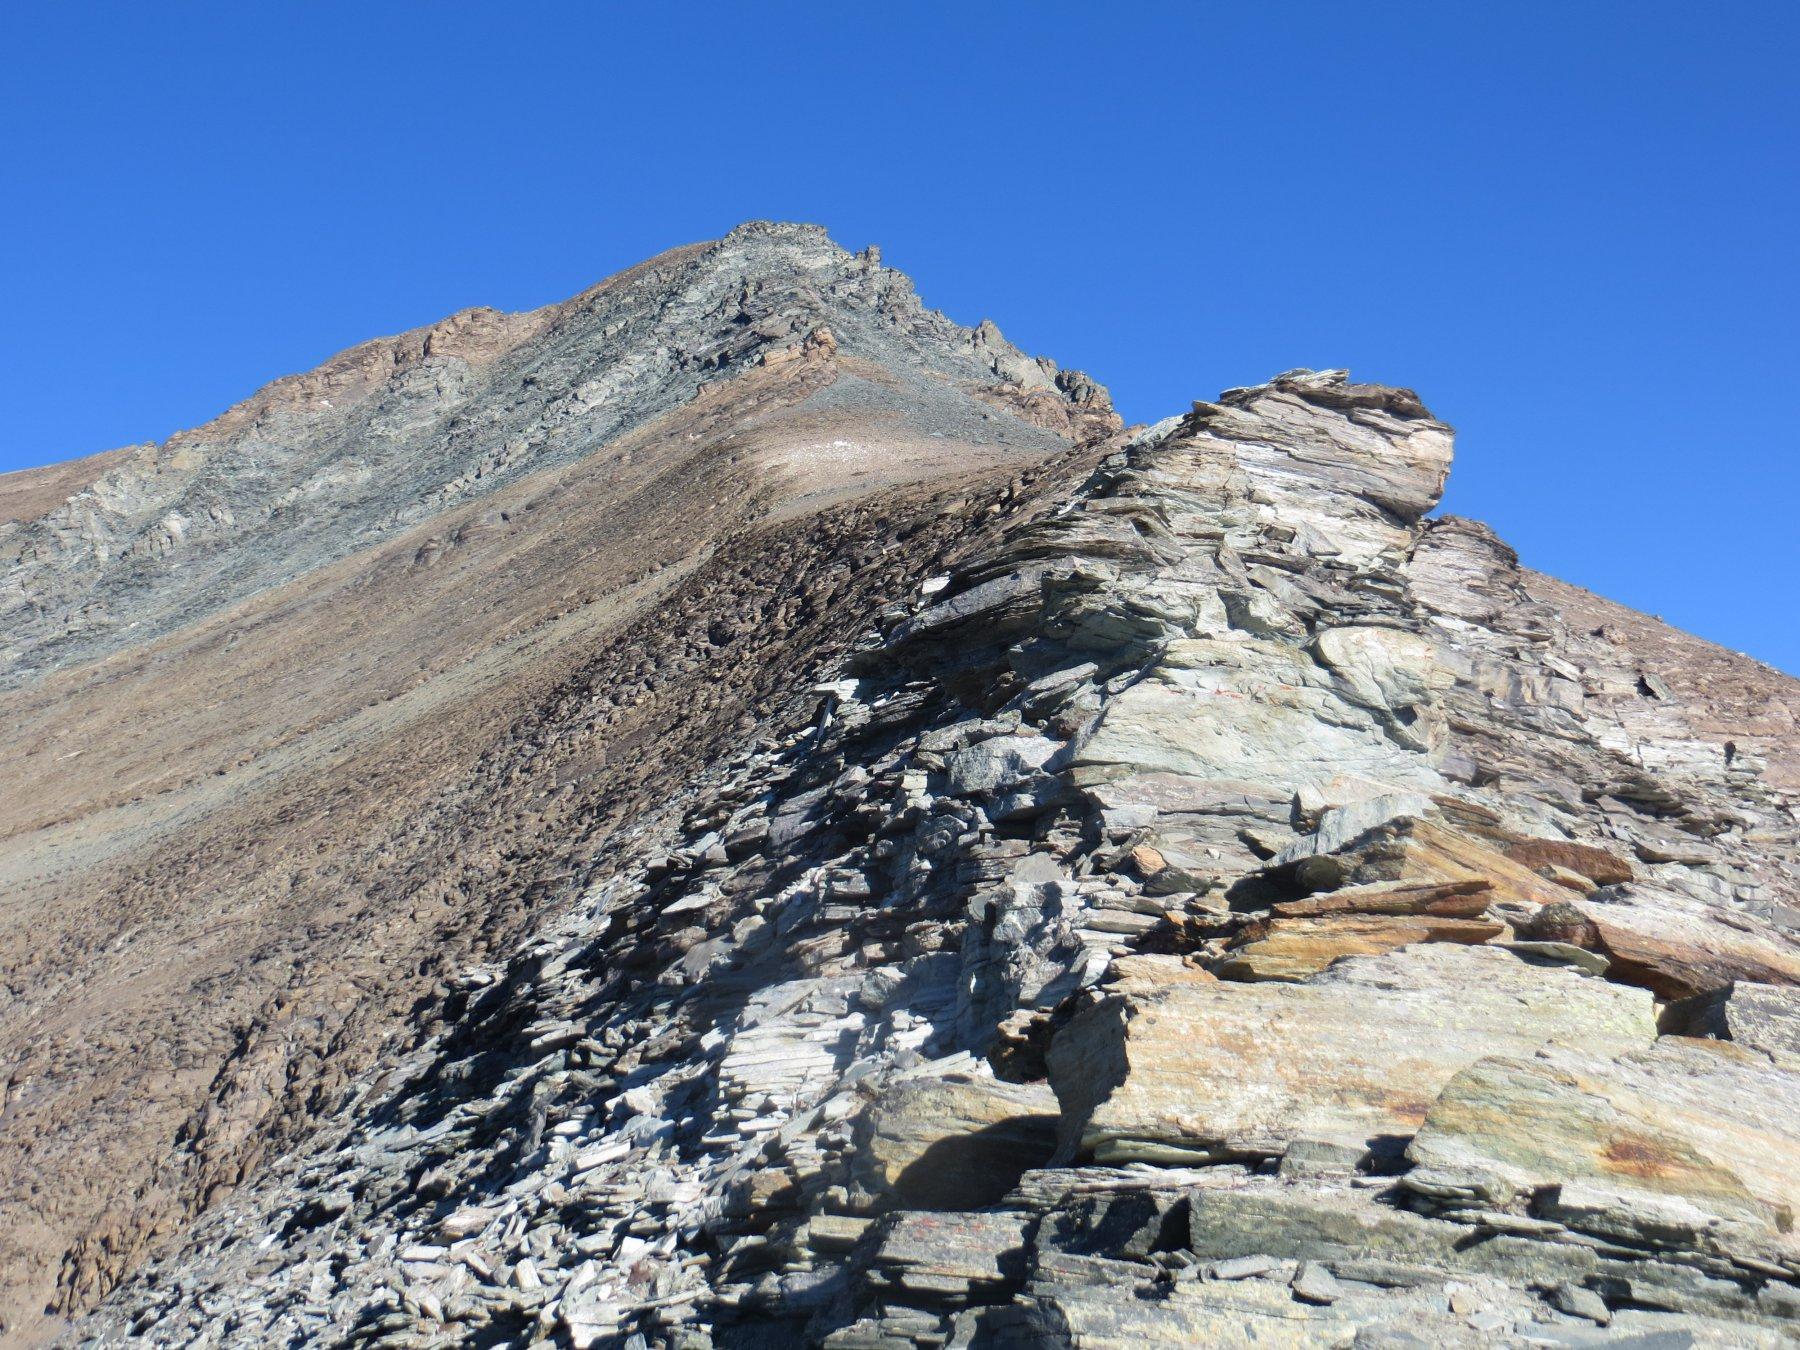 La Bianca dalla cresta attorno ai 3500 metri di quota